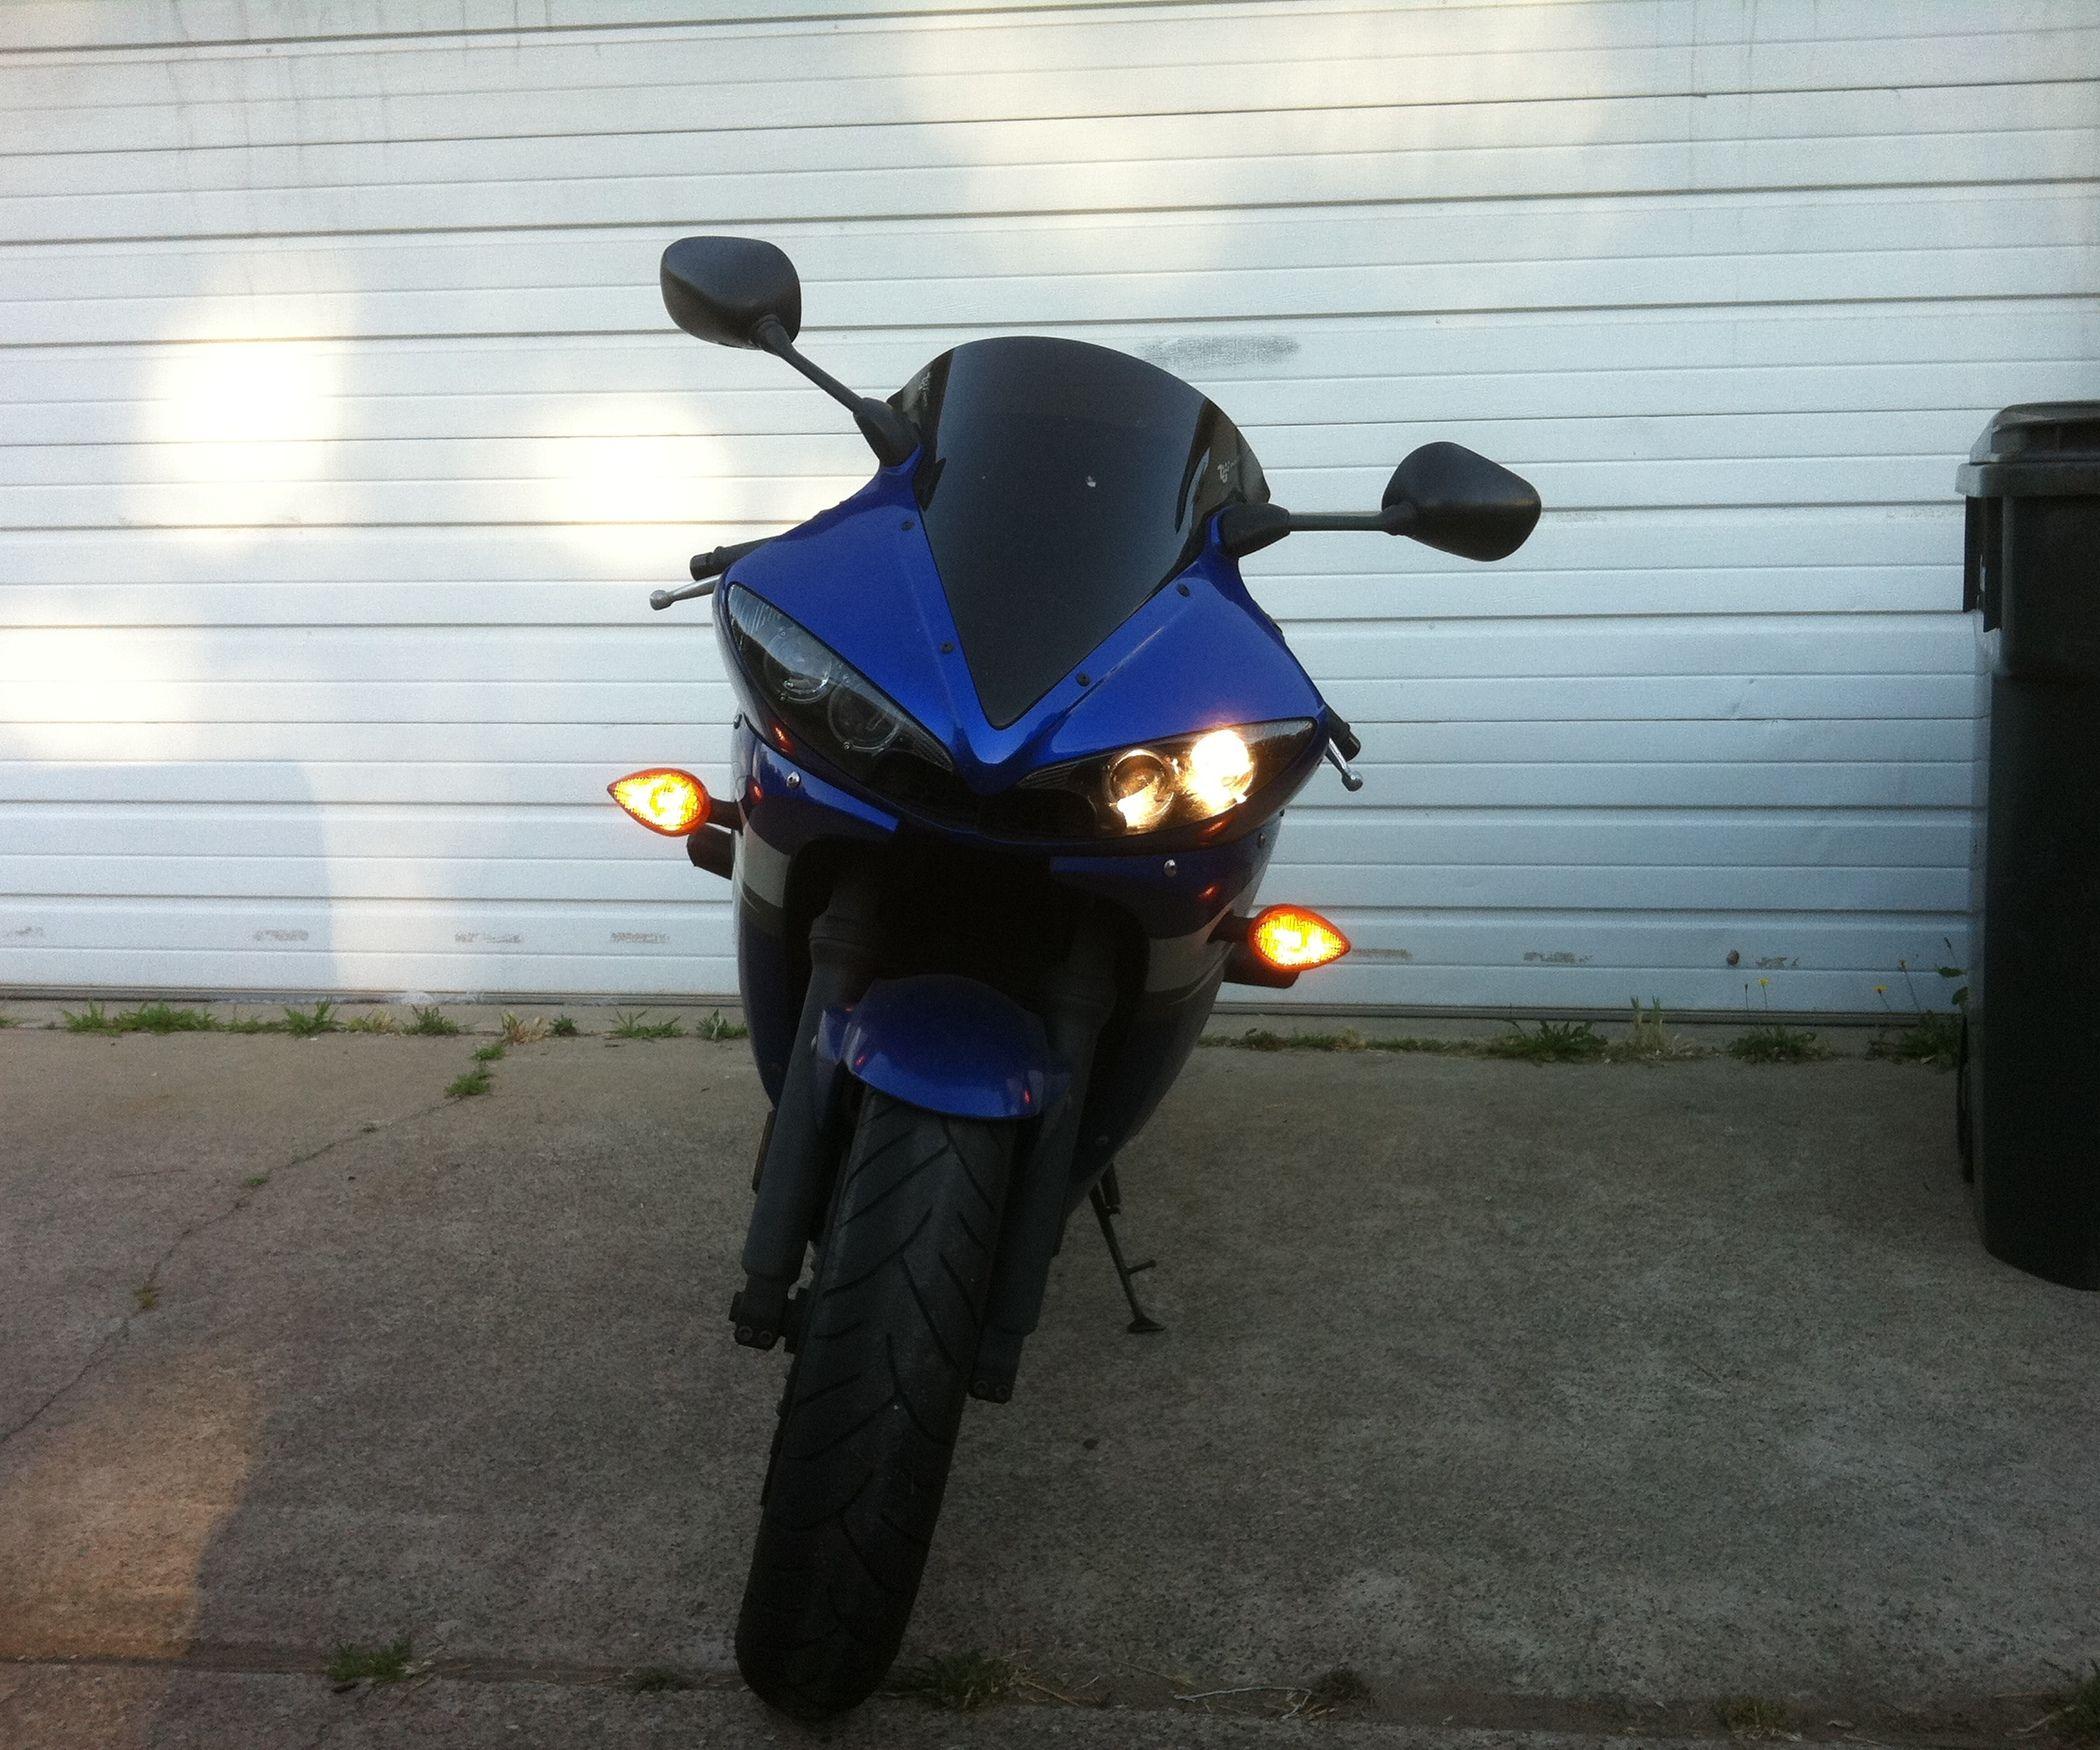 Installing A Garage Door Opener On Your Motorcycle Garage Doors Garage Door Opener Motorcycle